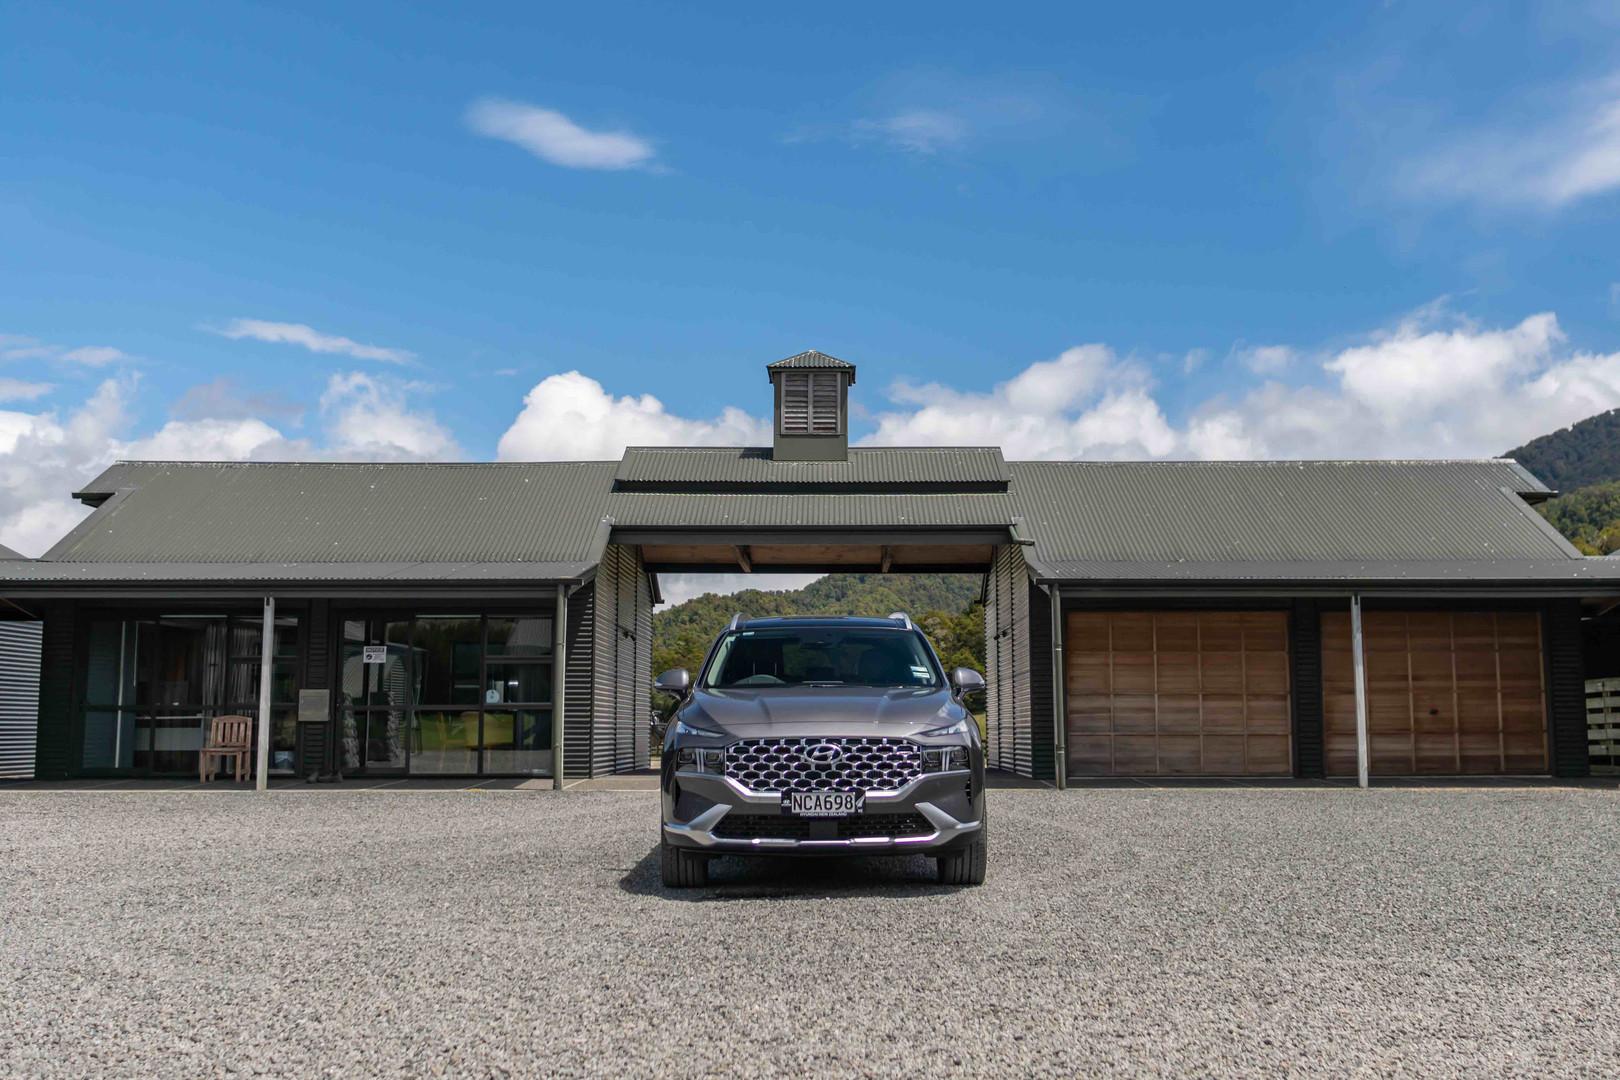 Hyundai Santa Fe at Poronui Stables (3), New Zealand